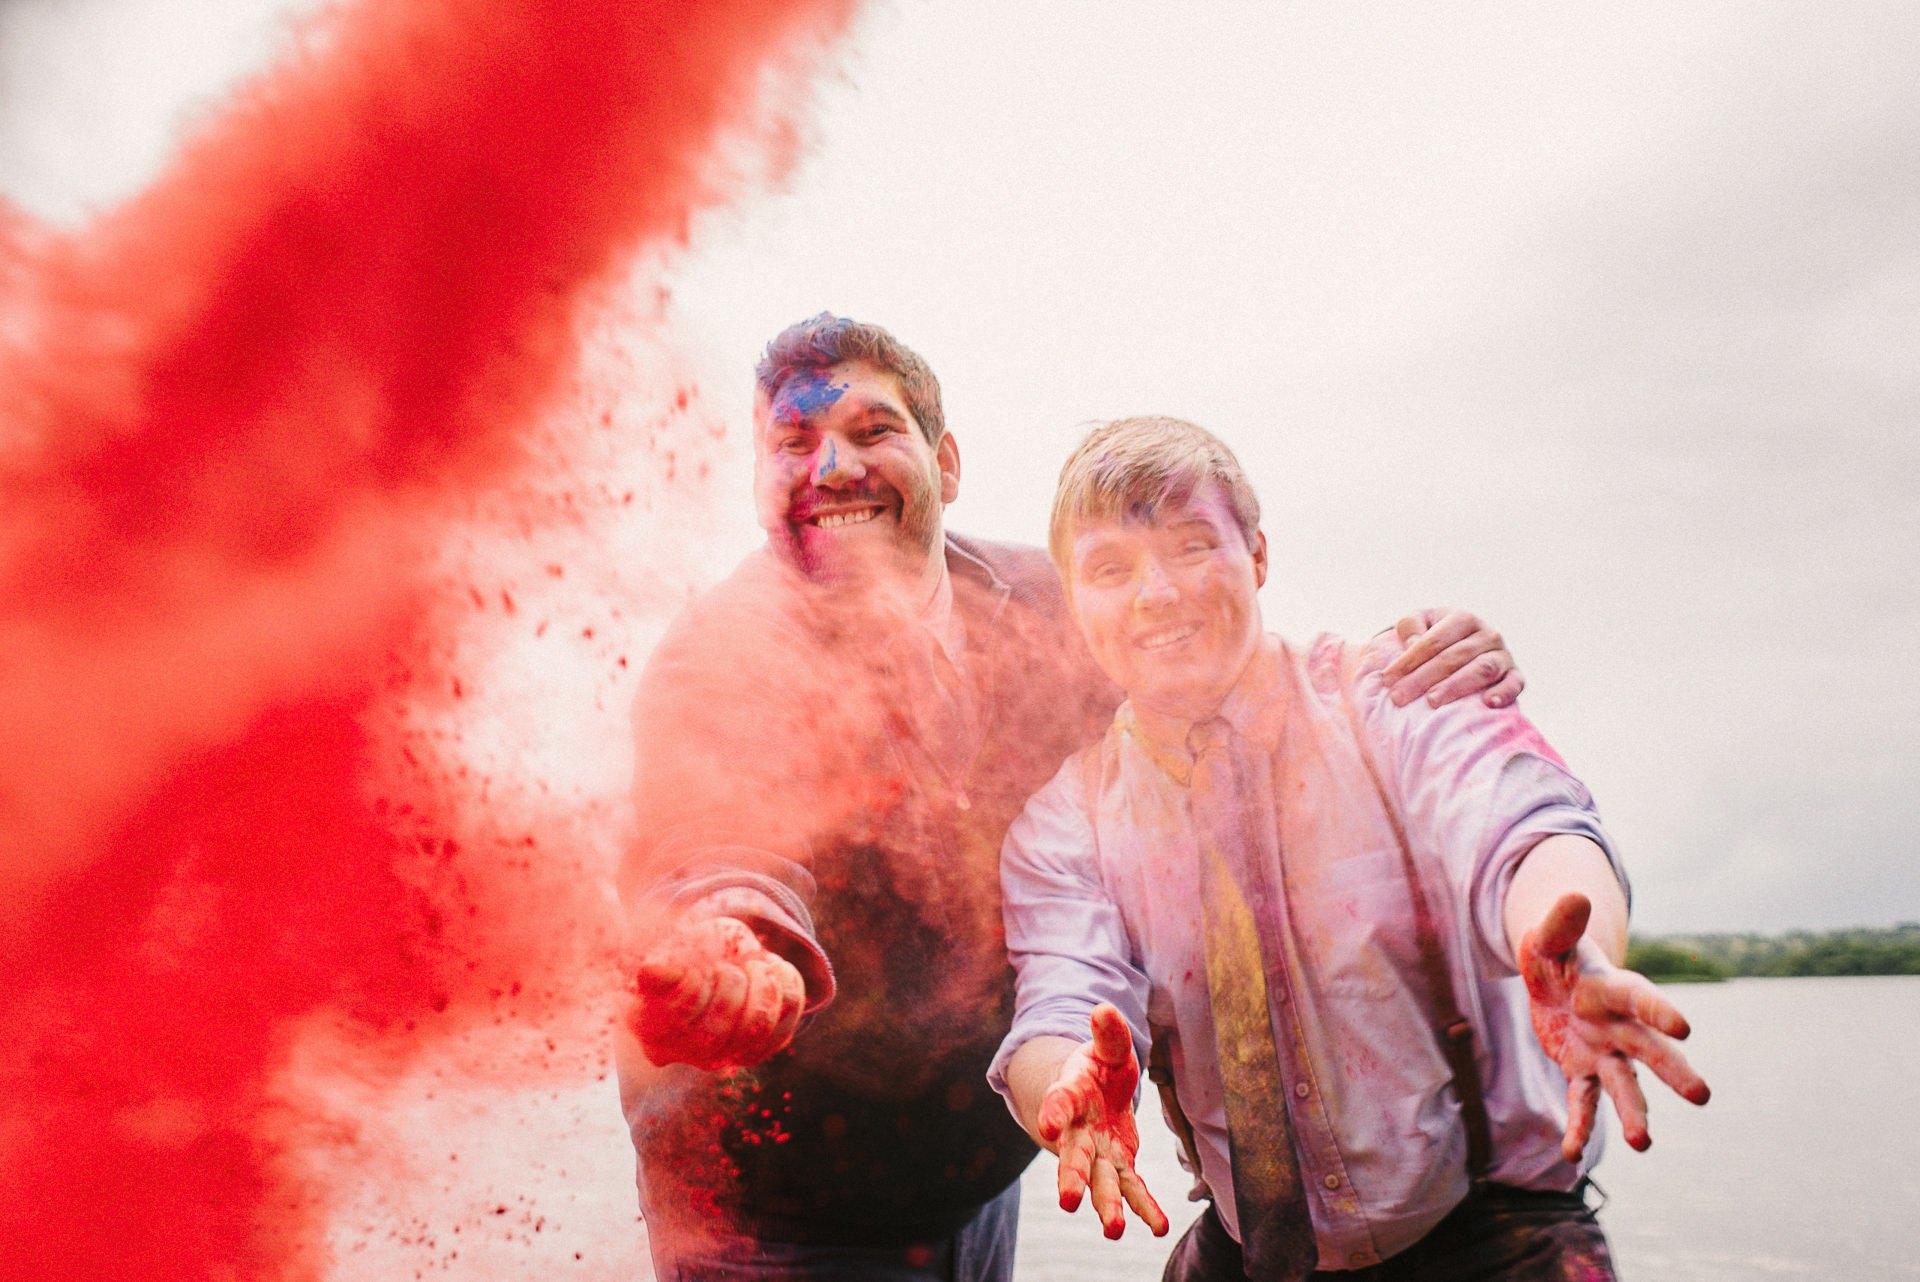 paint bombing ireland wedding